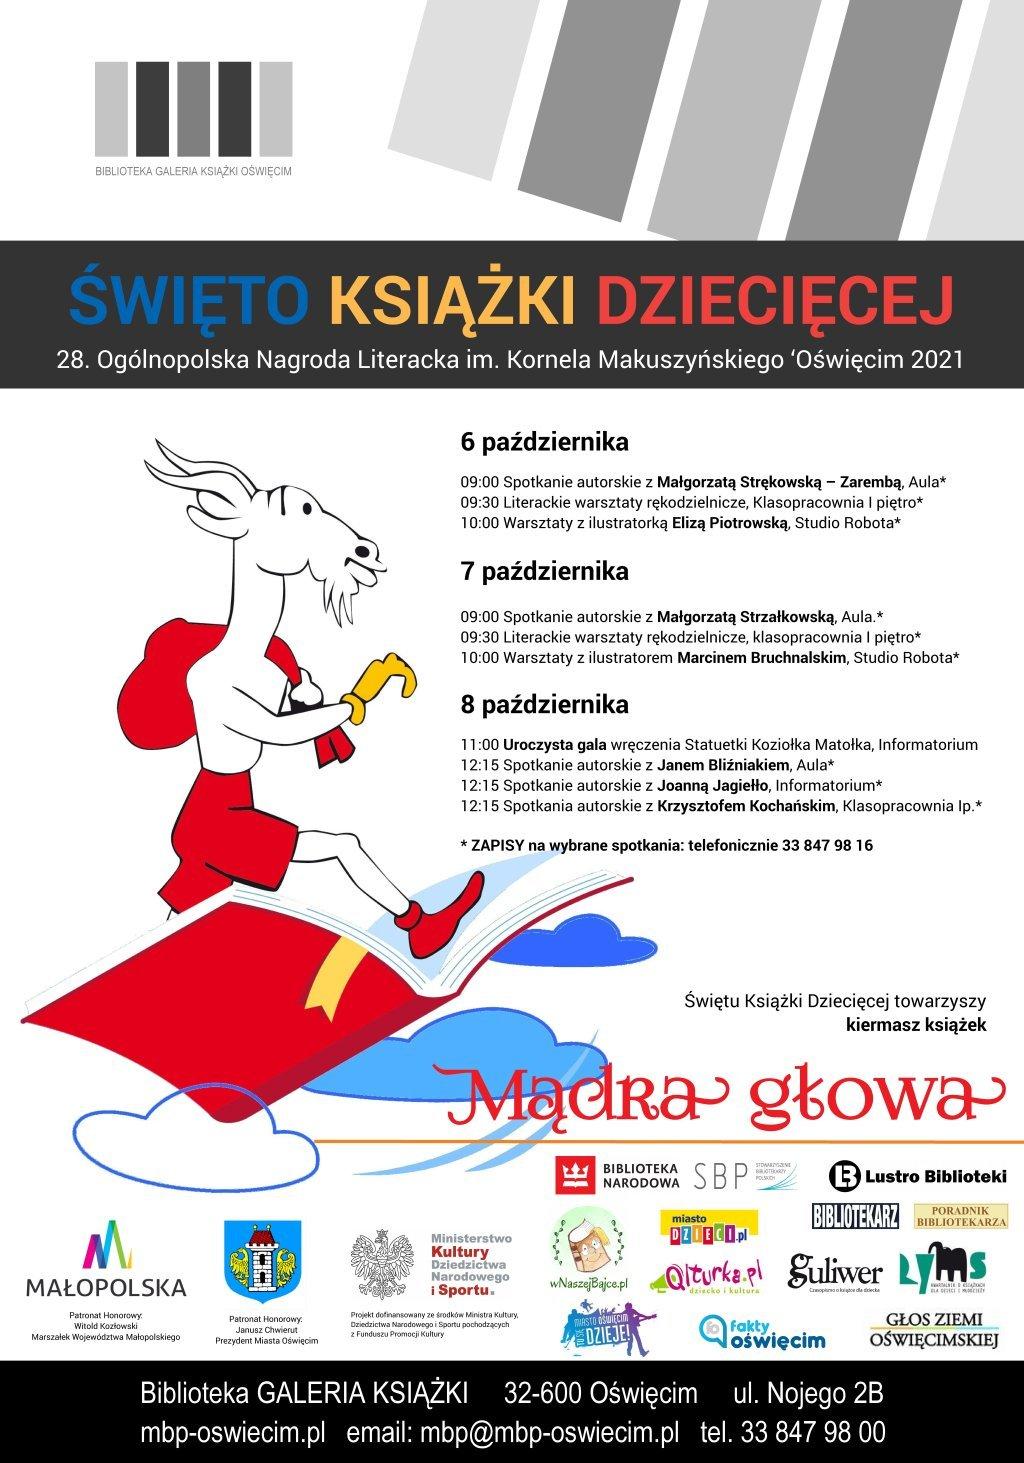 Mądra głowa - 28. Ogólnopolska Nagroda Literacka im. Kornela Makuszyńskiego